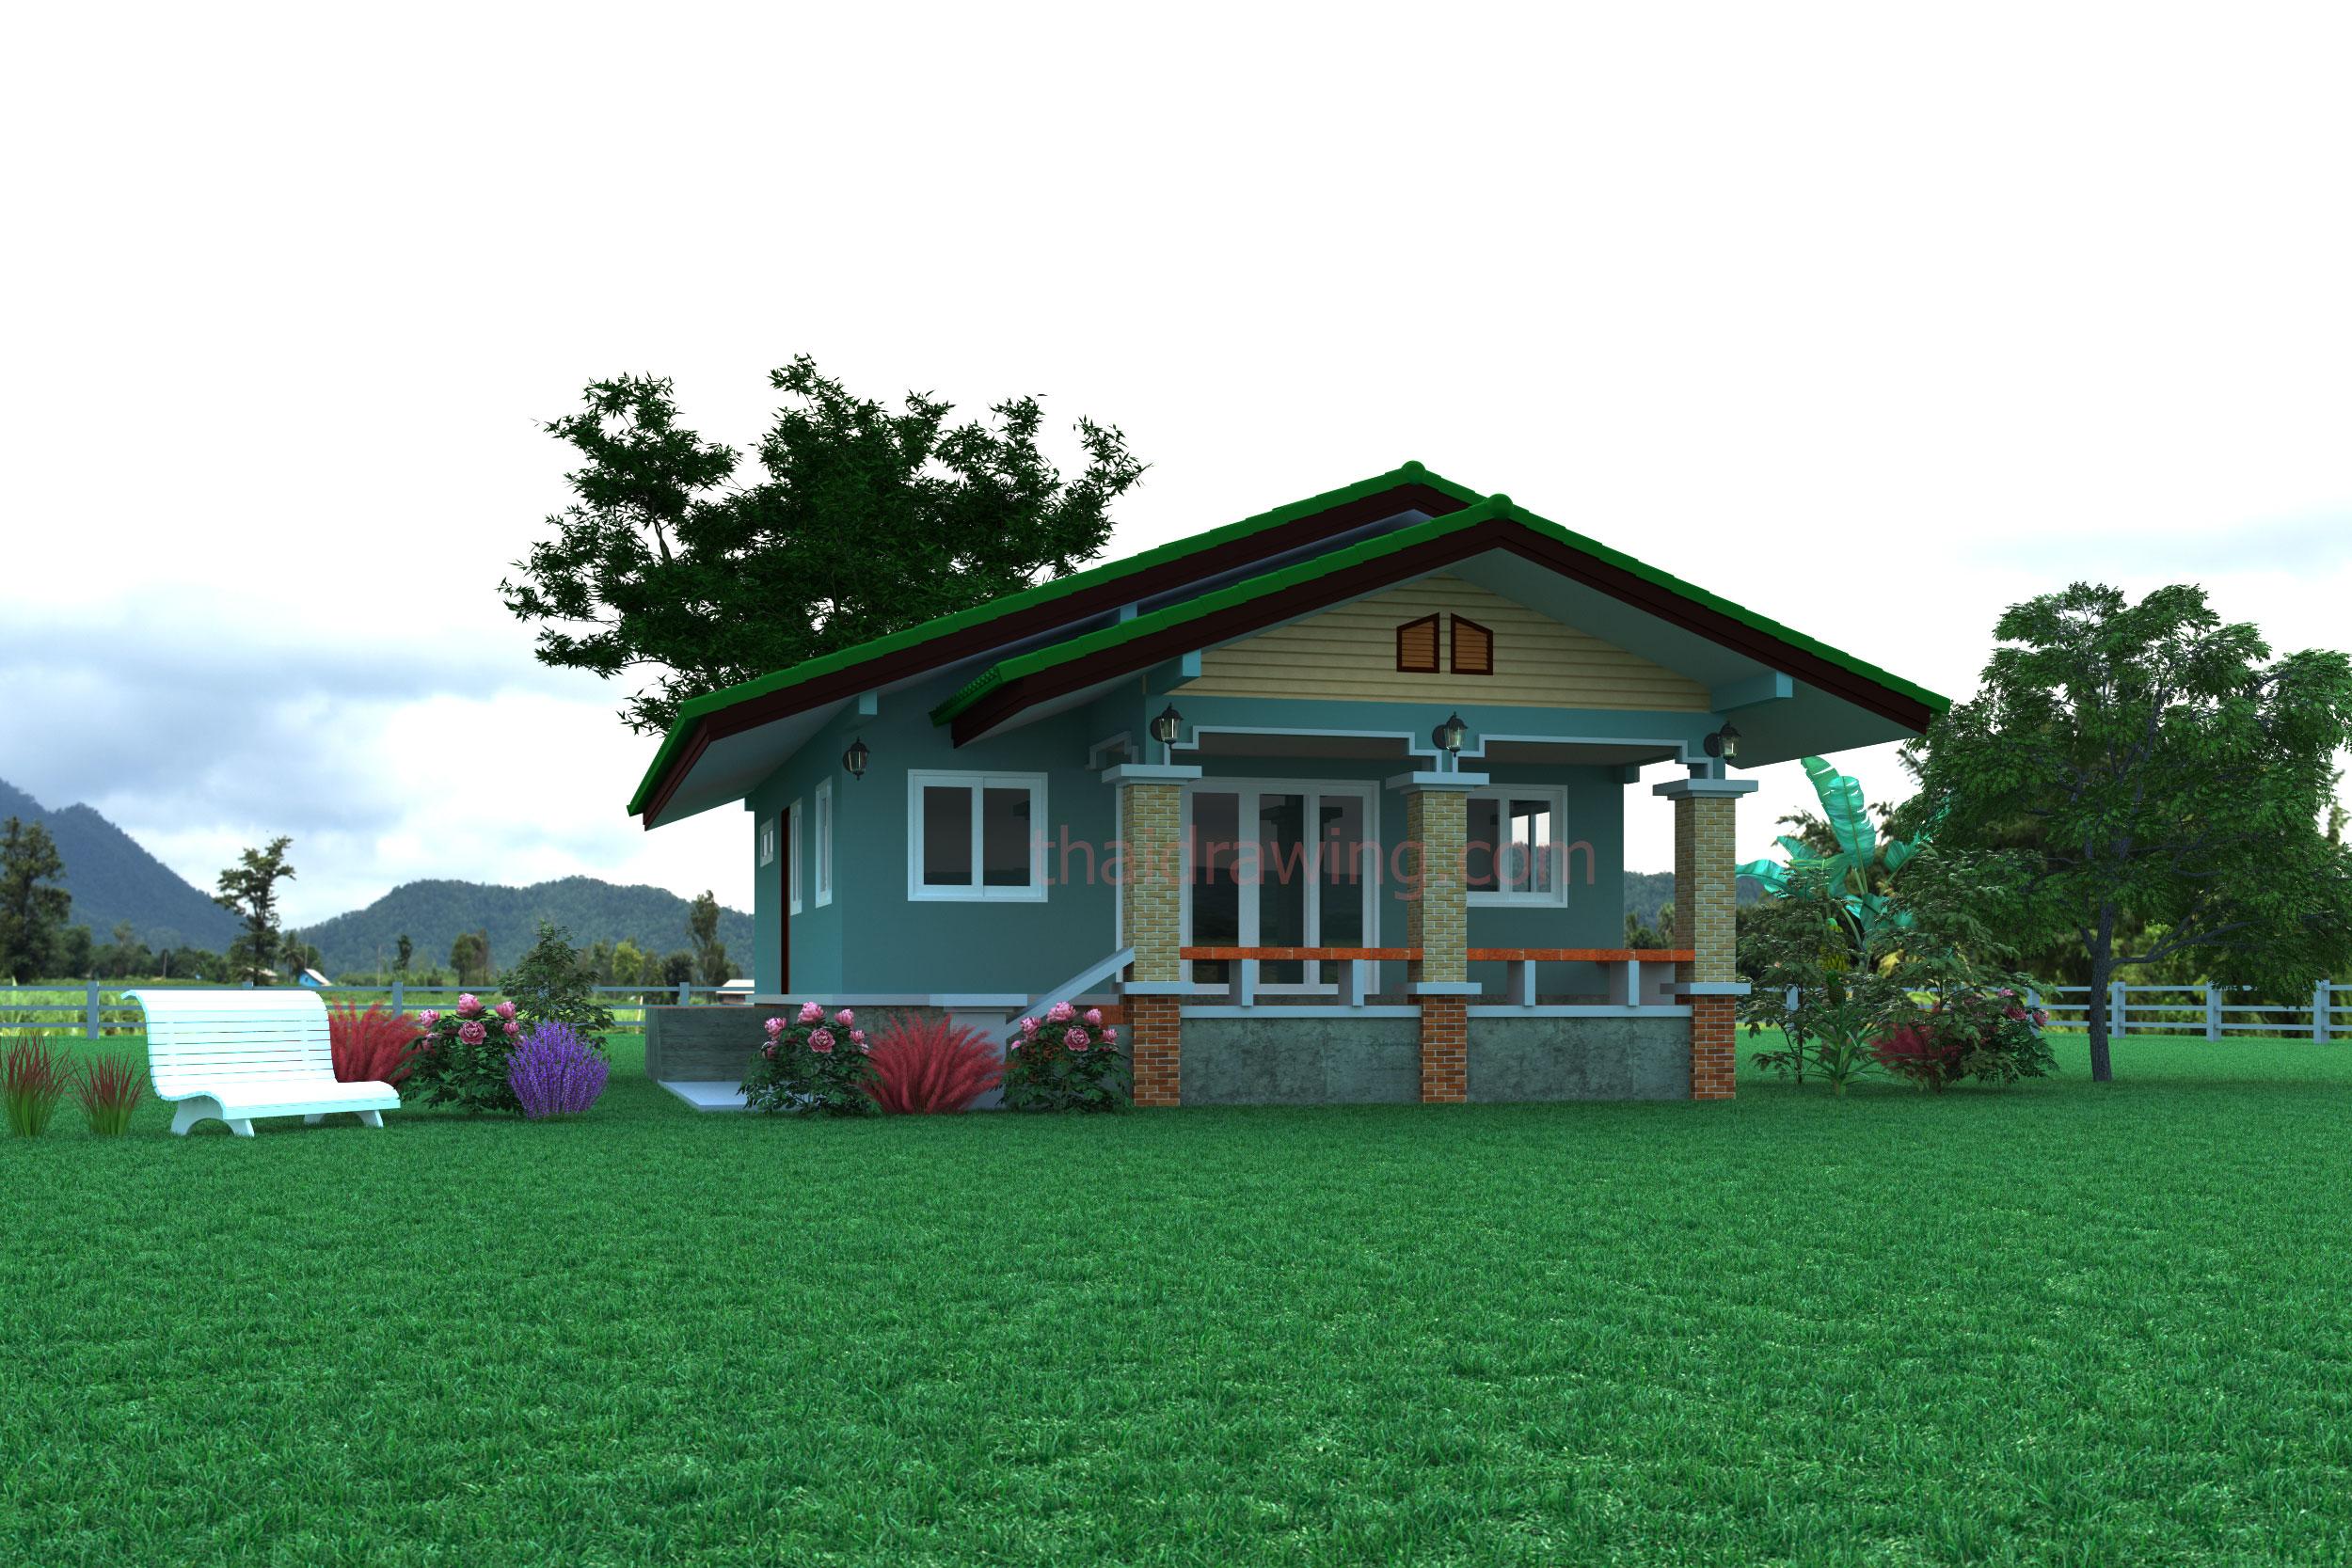 แบบบ้านชั้นเดียวหลังคาจั่วเกษตรพวงแก้ว BluePrint-0135